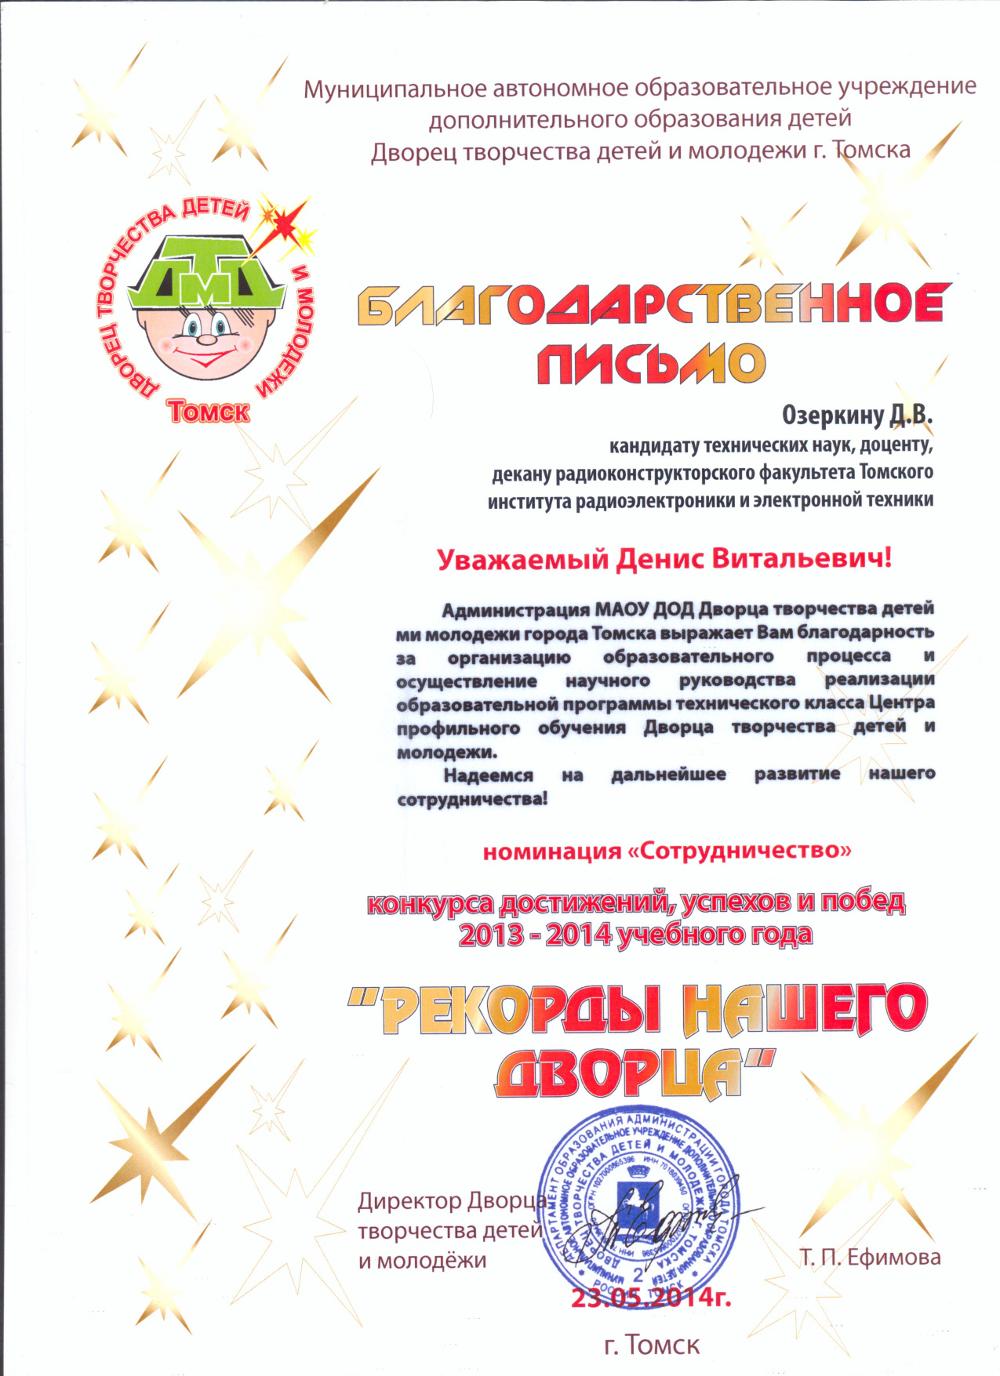 Декан РКФД.В.Озёркин получил благодарственное письмо отадминистрации Дворца творчества детей имолодёжи